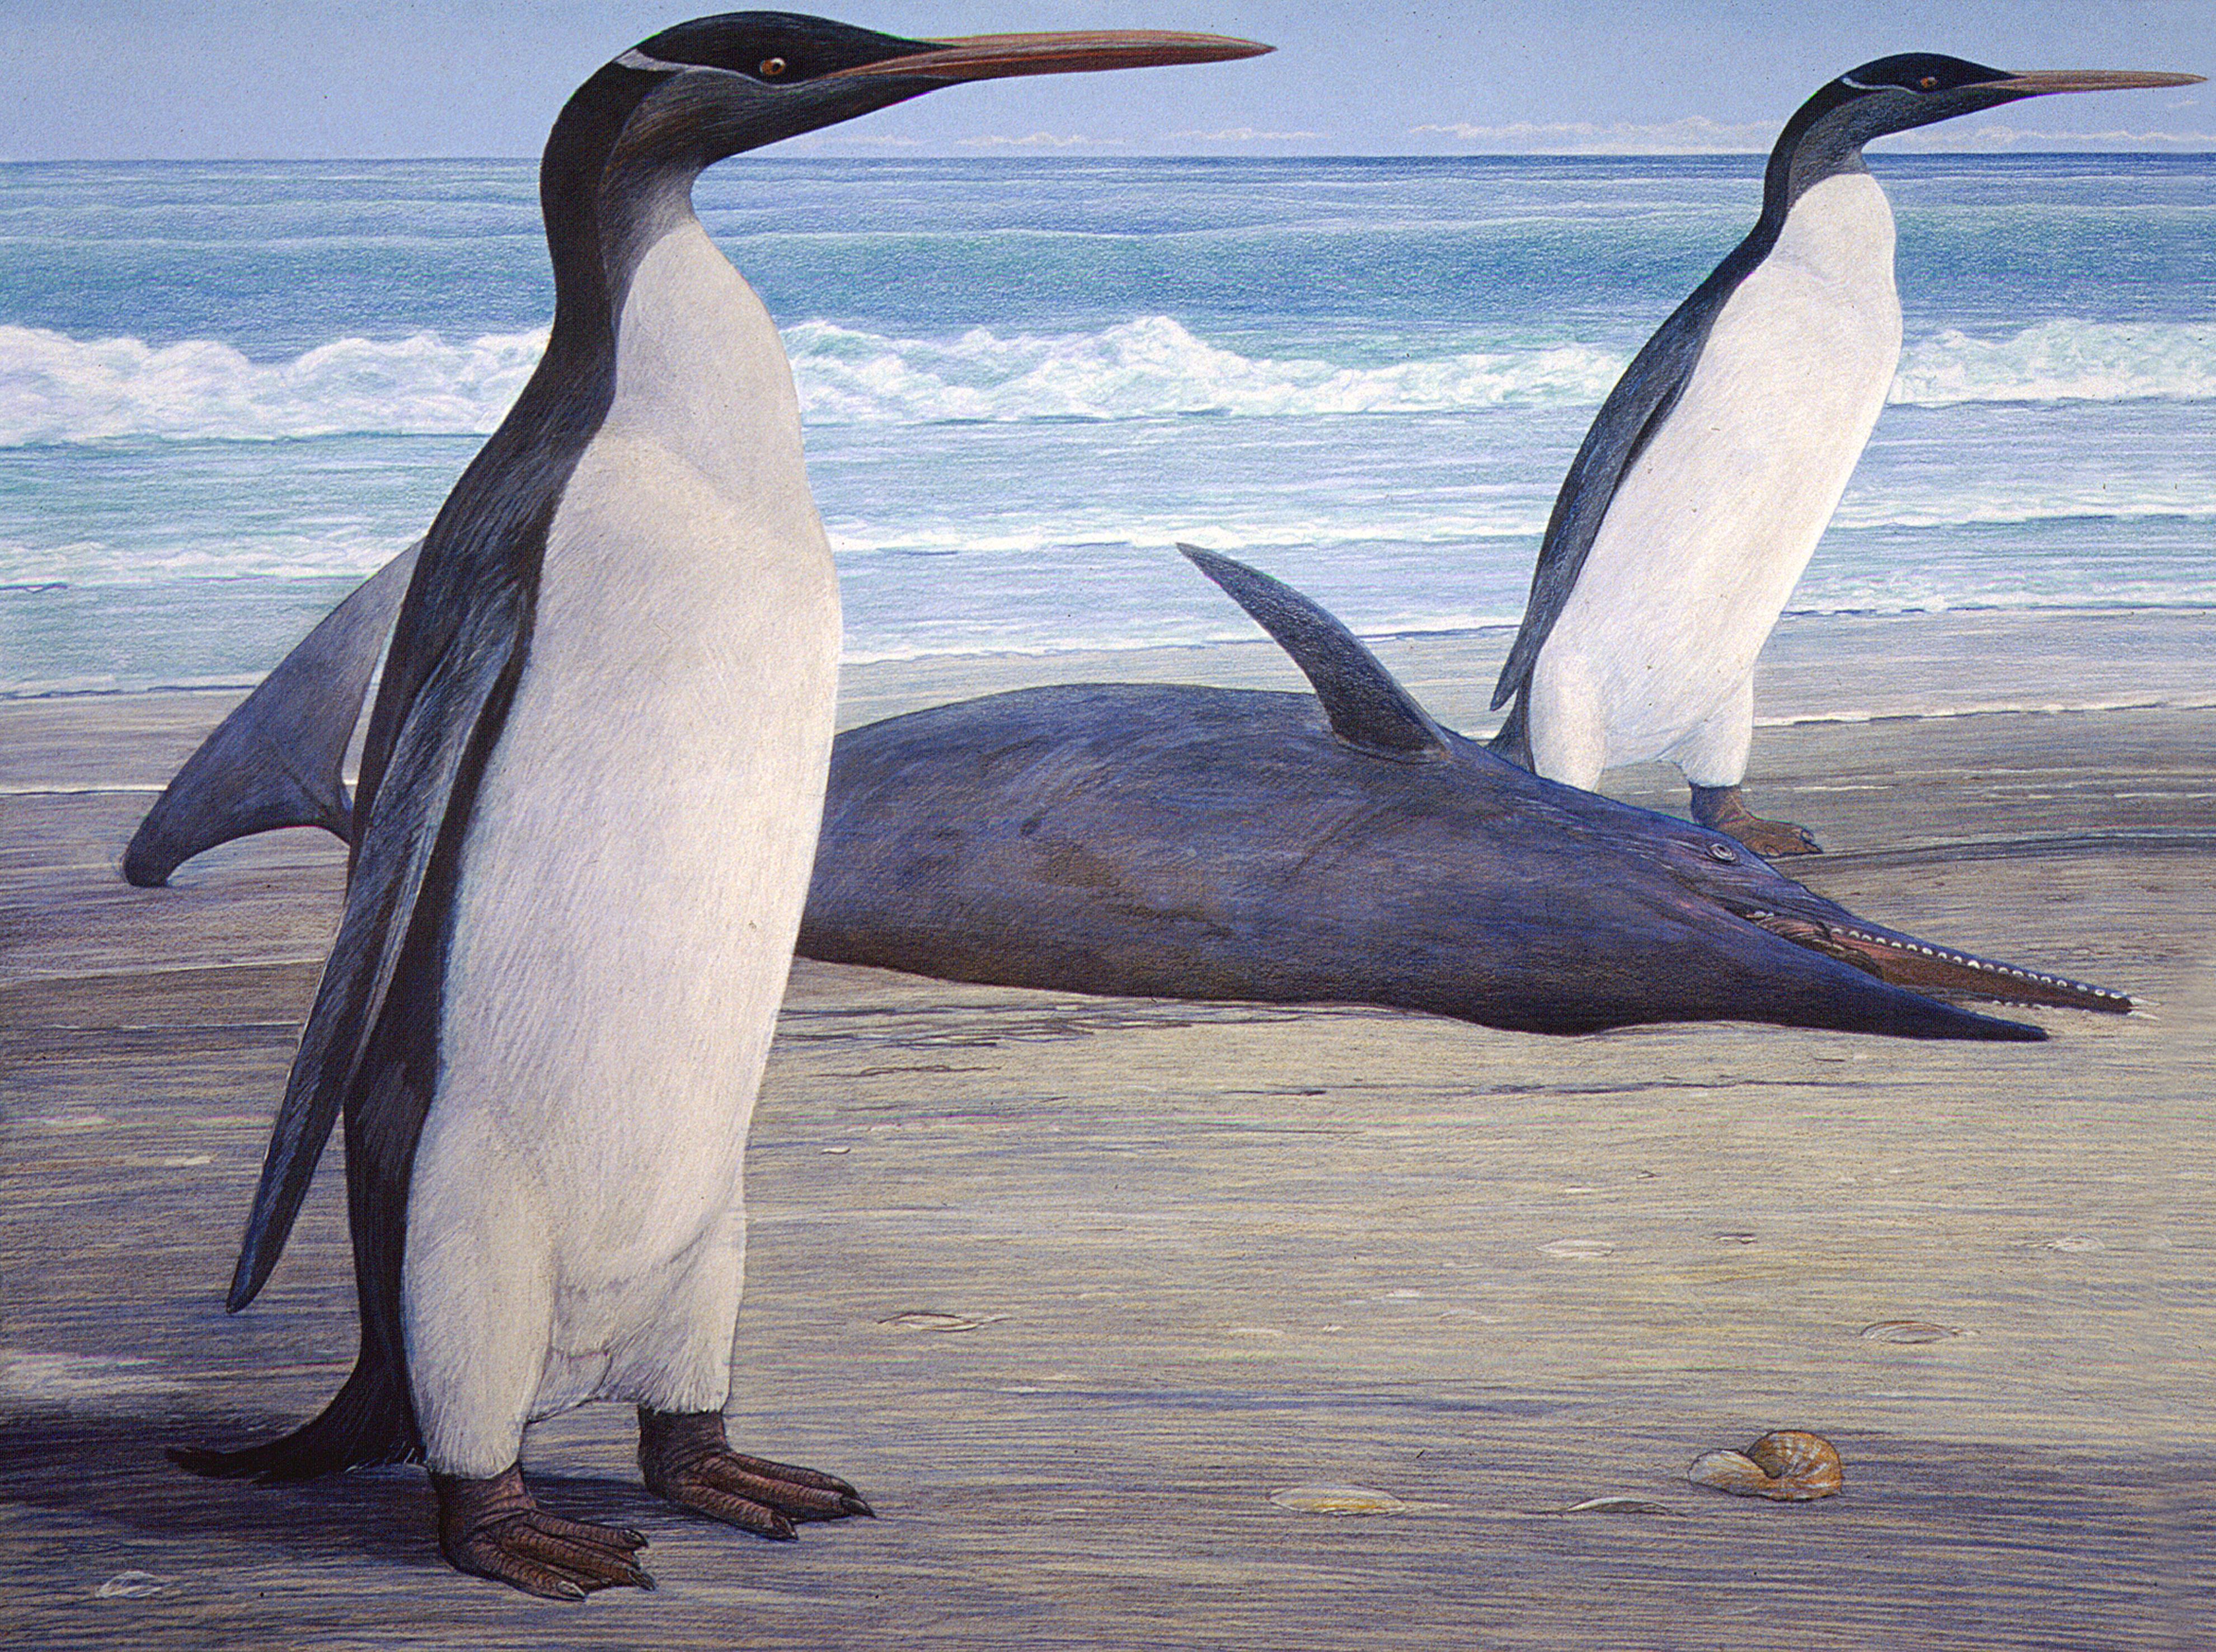 penguin defunctness article